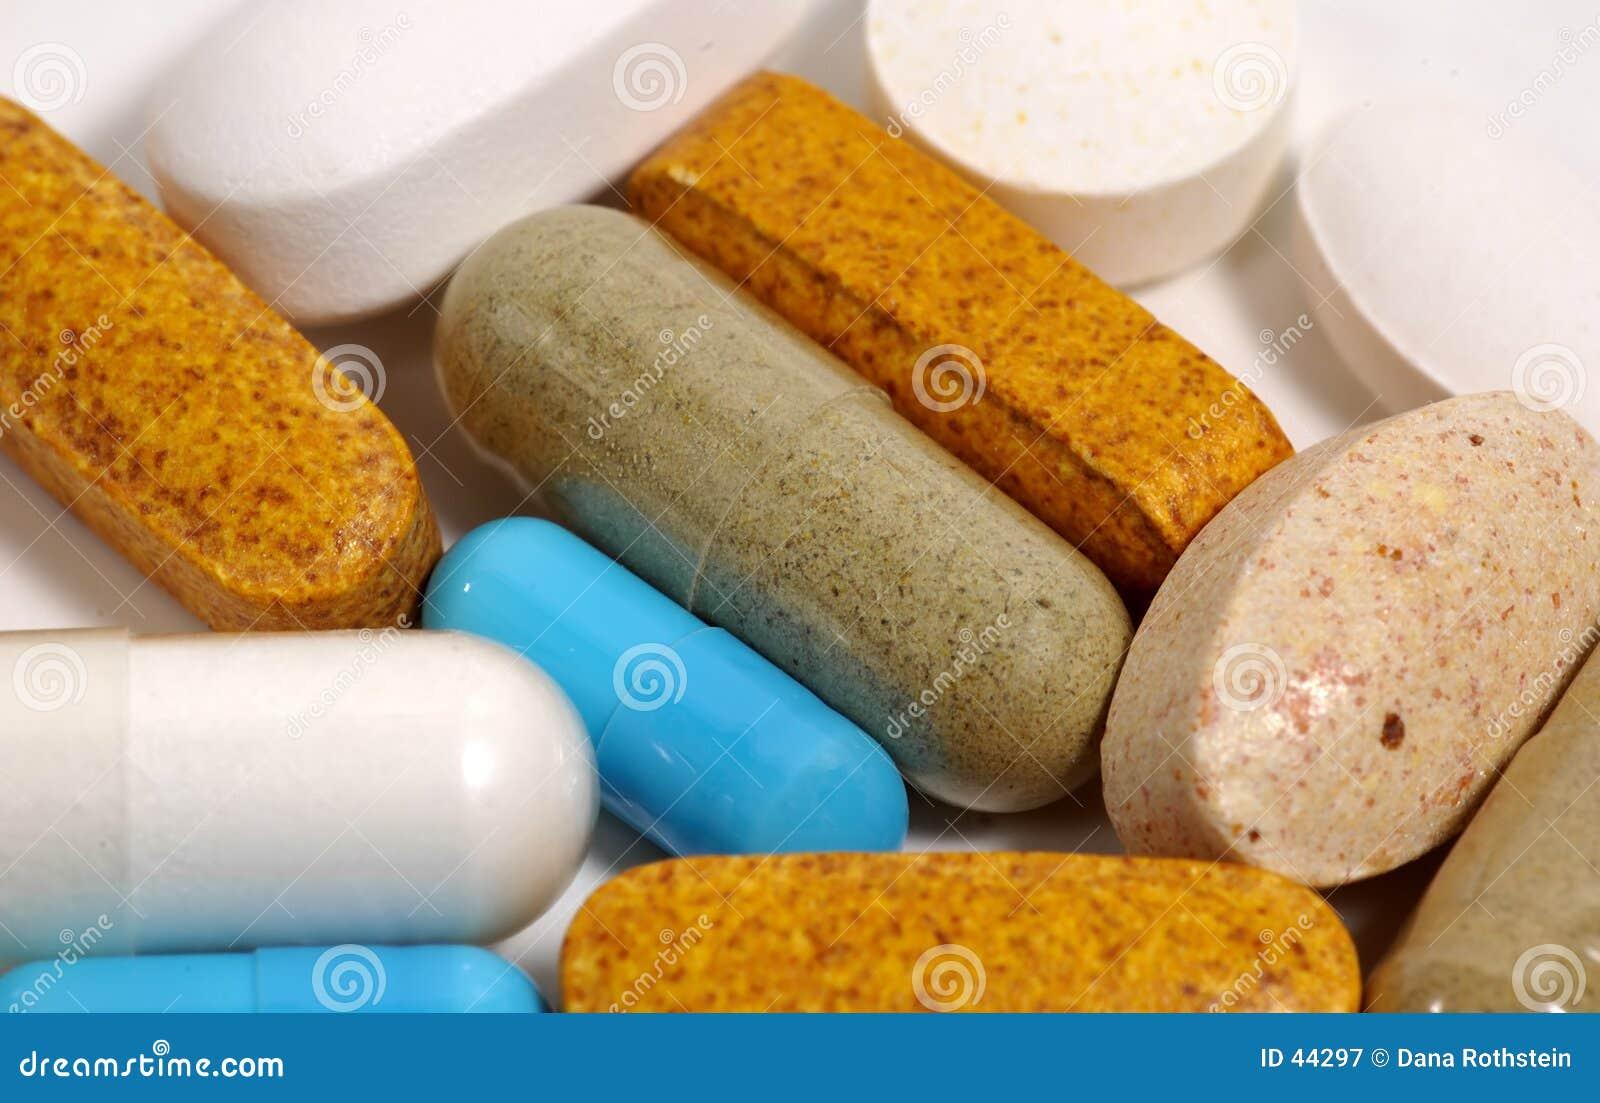 Vários comprimidos